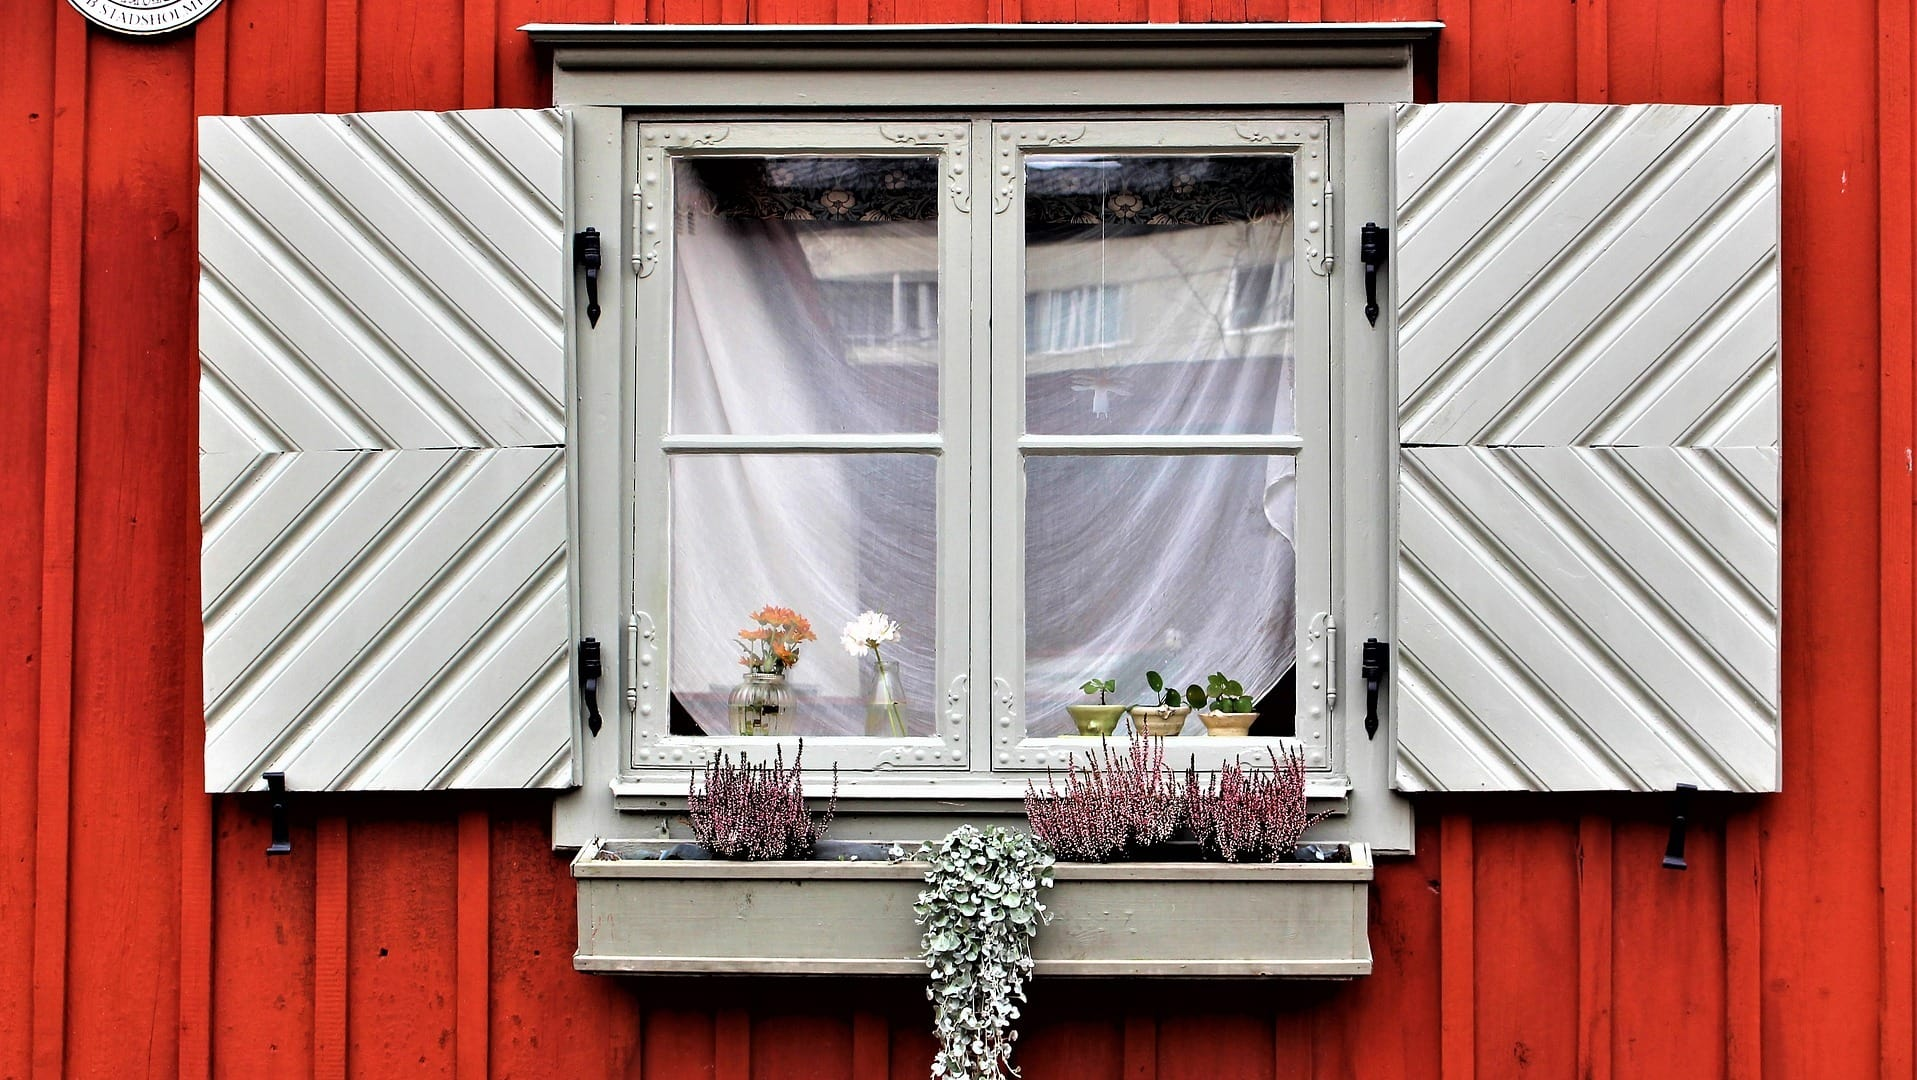 Fenster eines Holzhauses